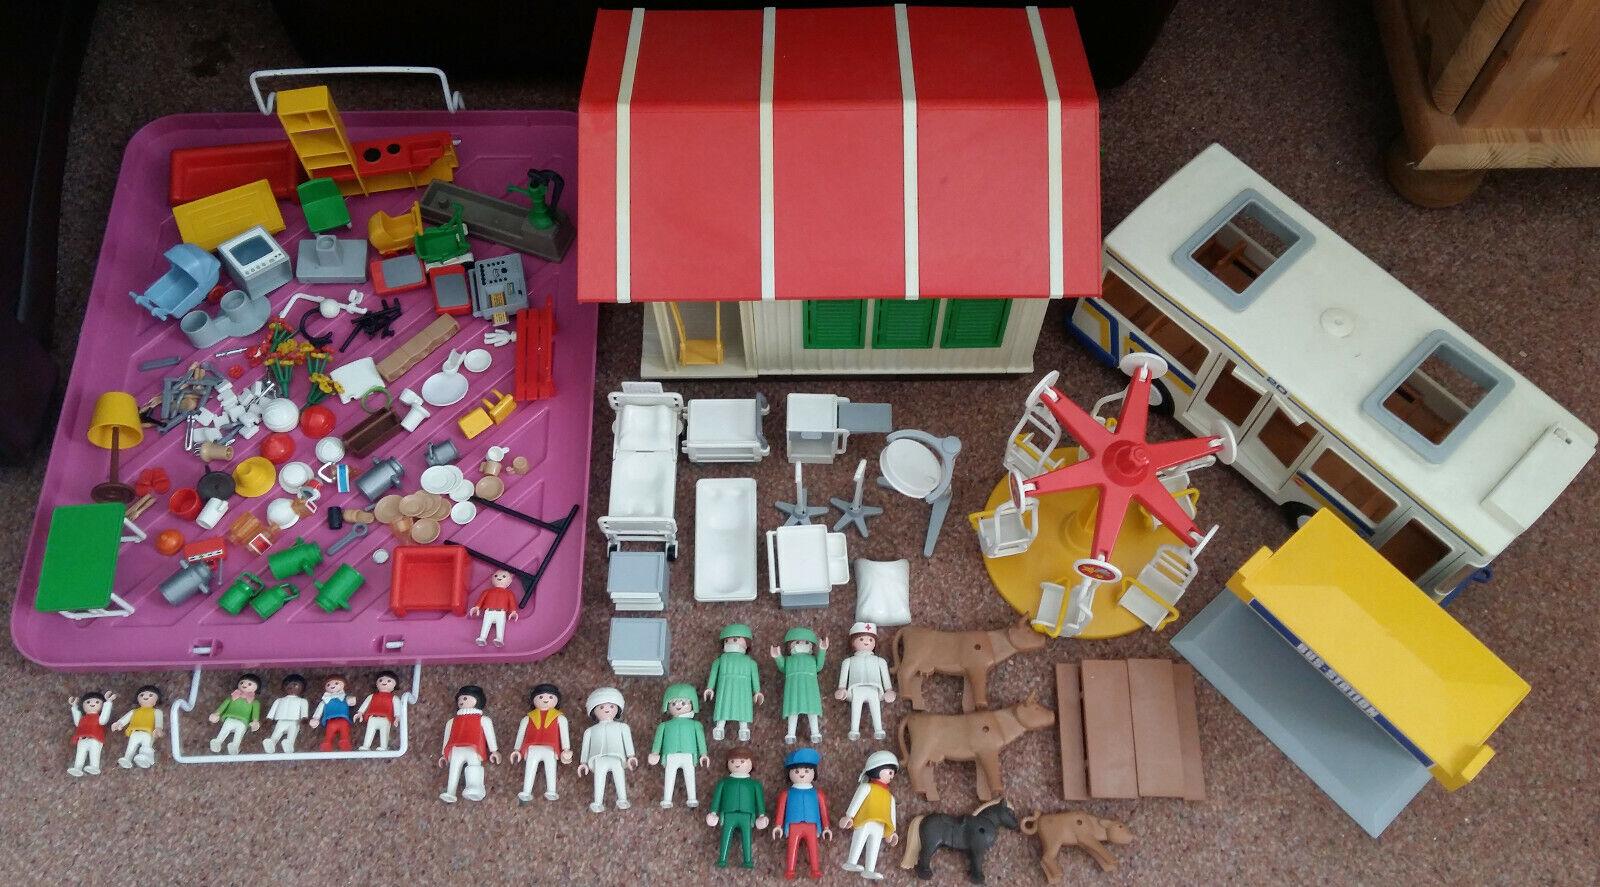 COLLEZIONE Playmobil la raccolta  autobus casa Adhamiya vortice personaggi rarità PLAYMOB  garanzia di credito